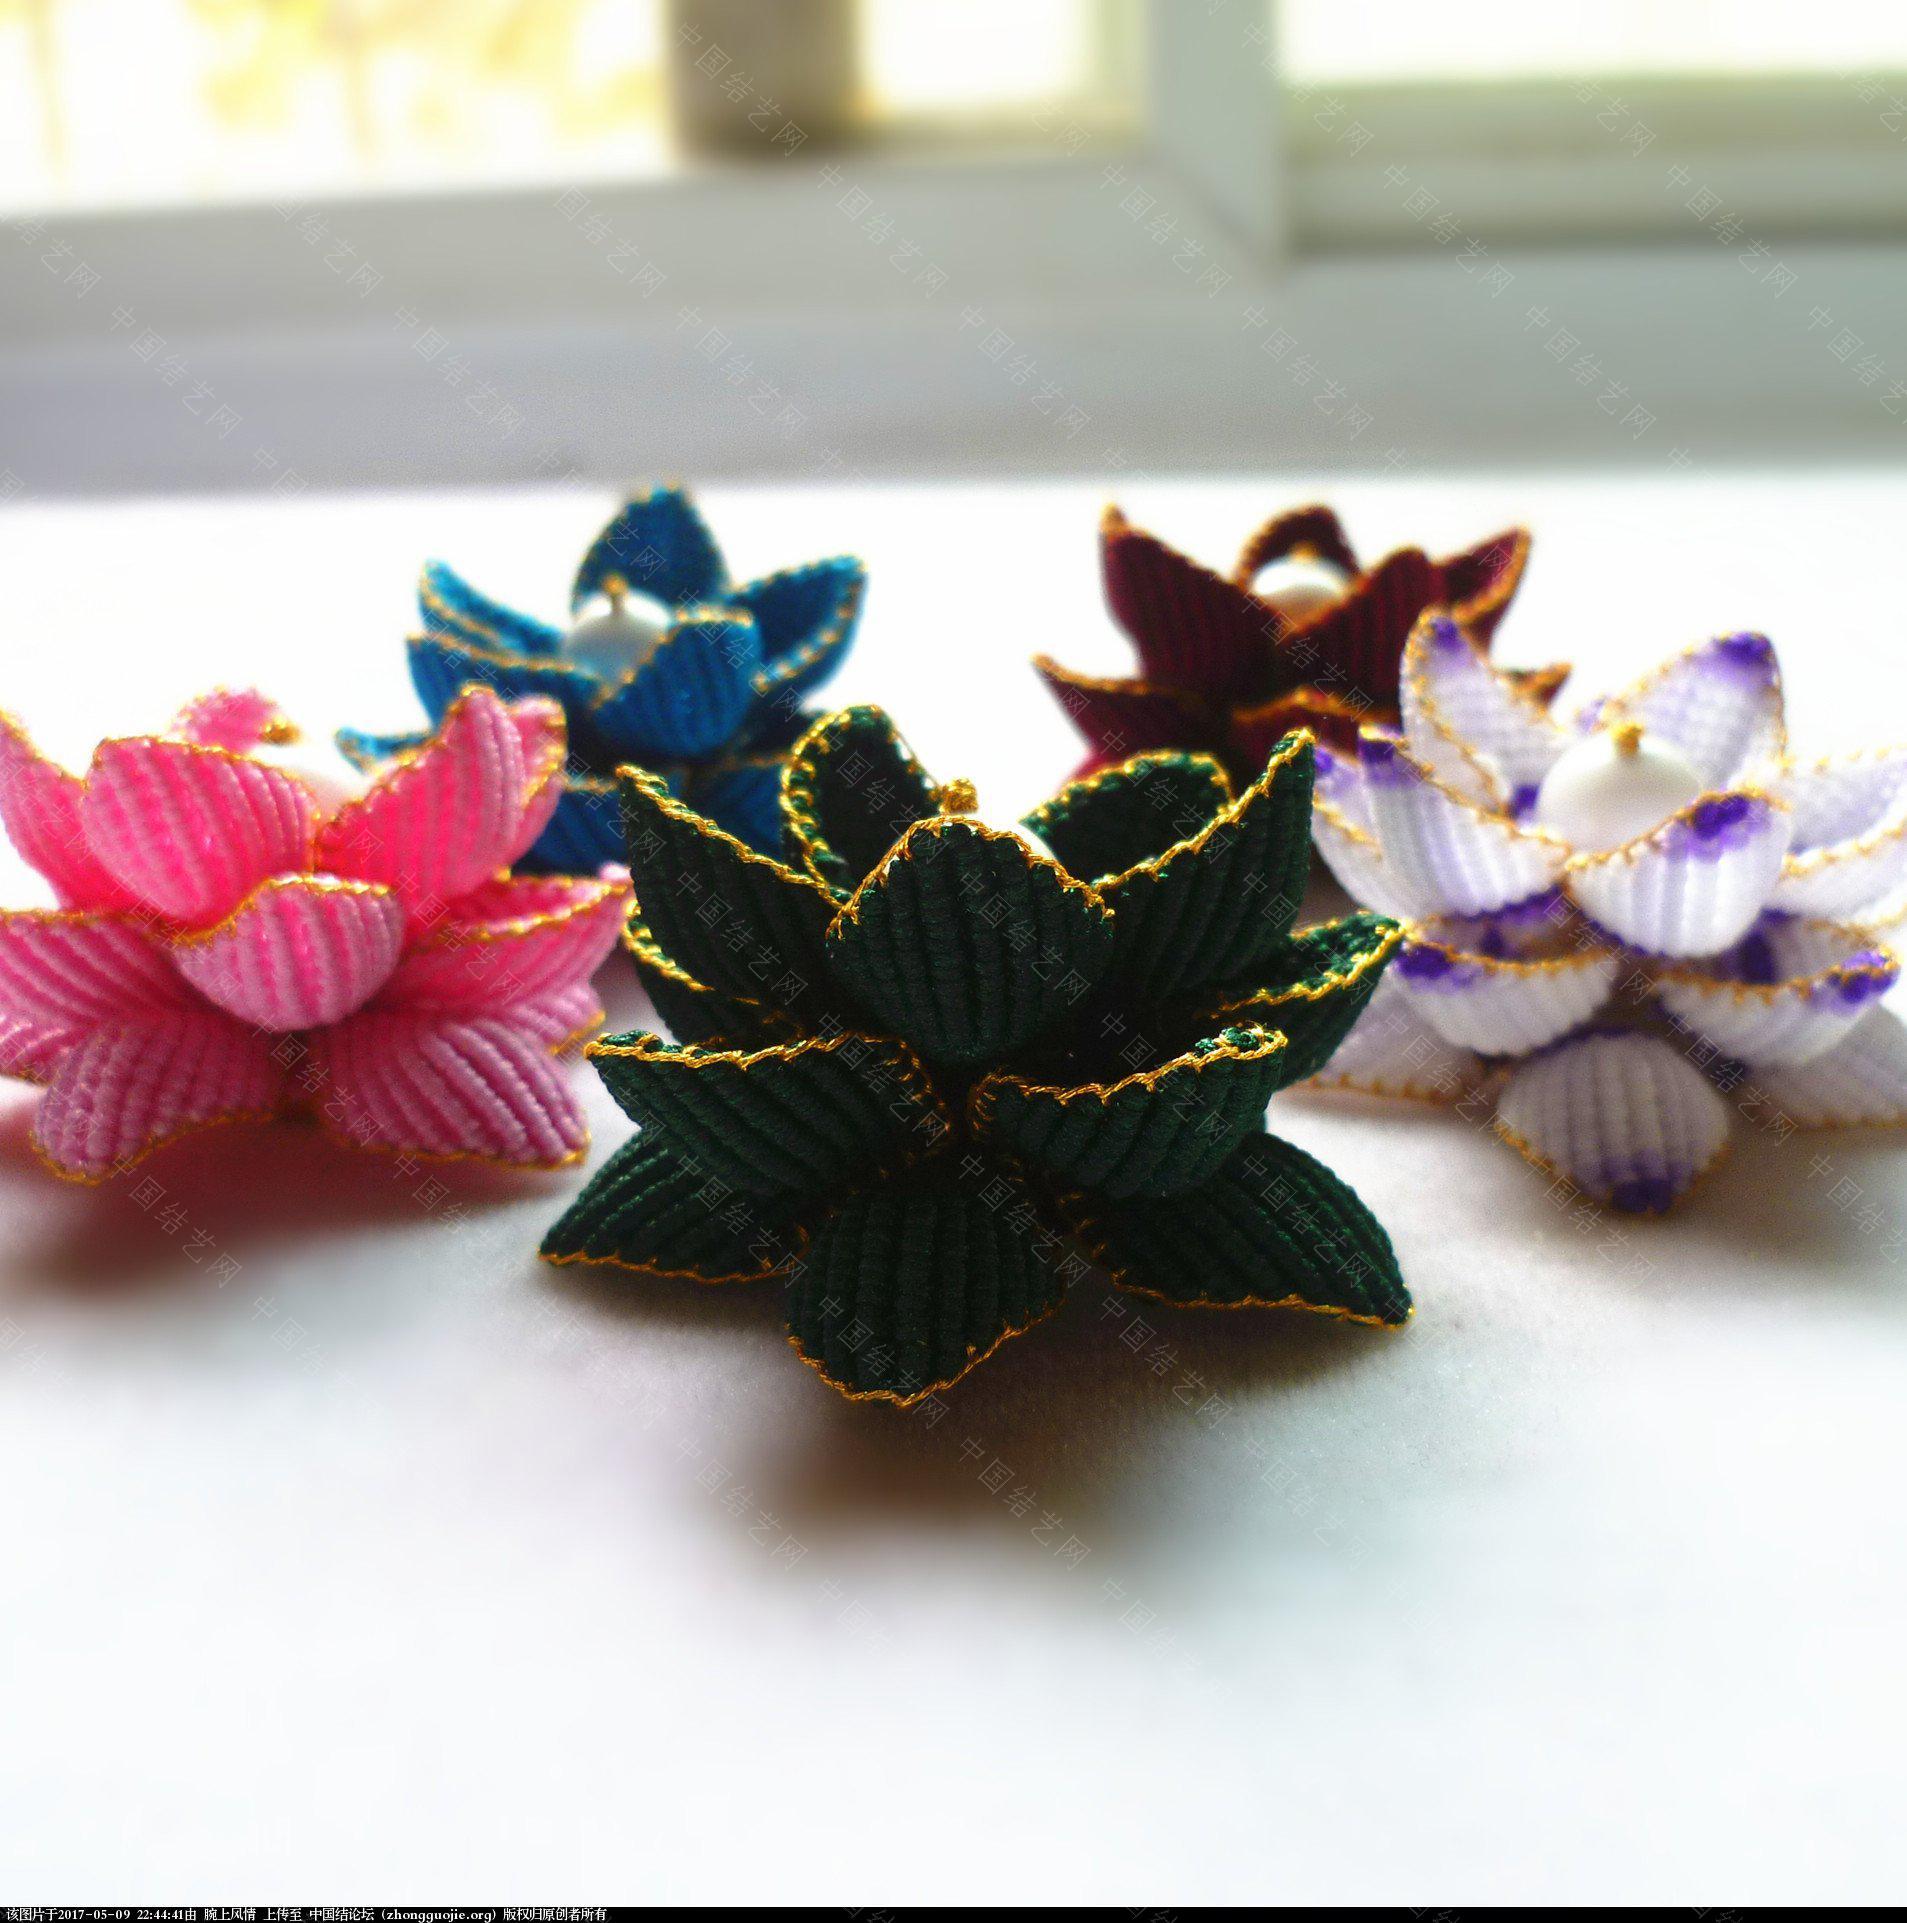 中国结论坛 很久没发作品了,我也跟风晒晒莲花 莲花 作品展示 224320tp6p6voln6l1momt